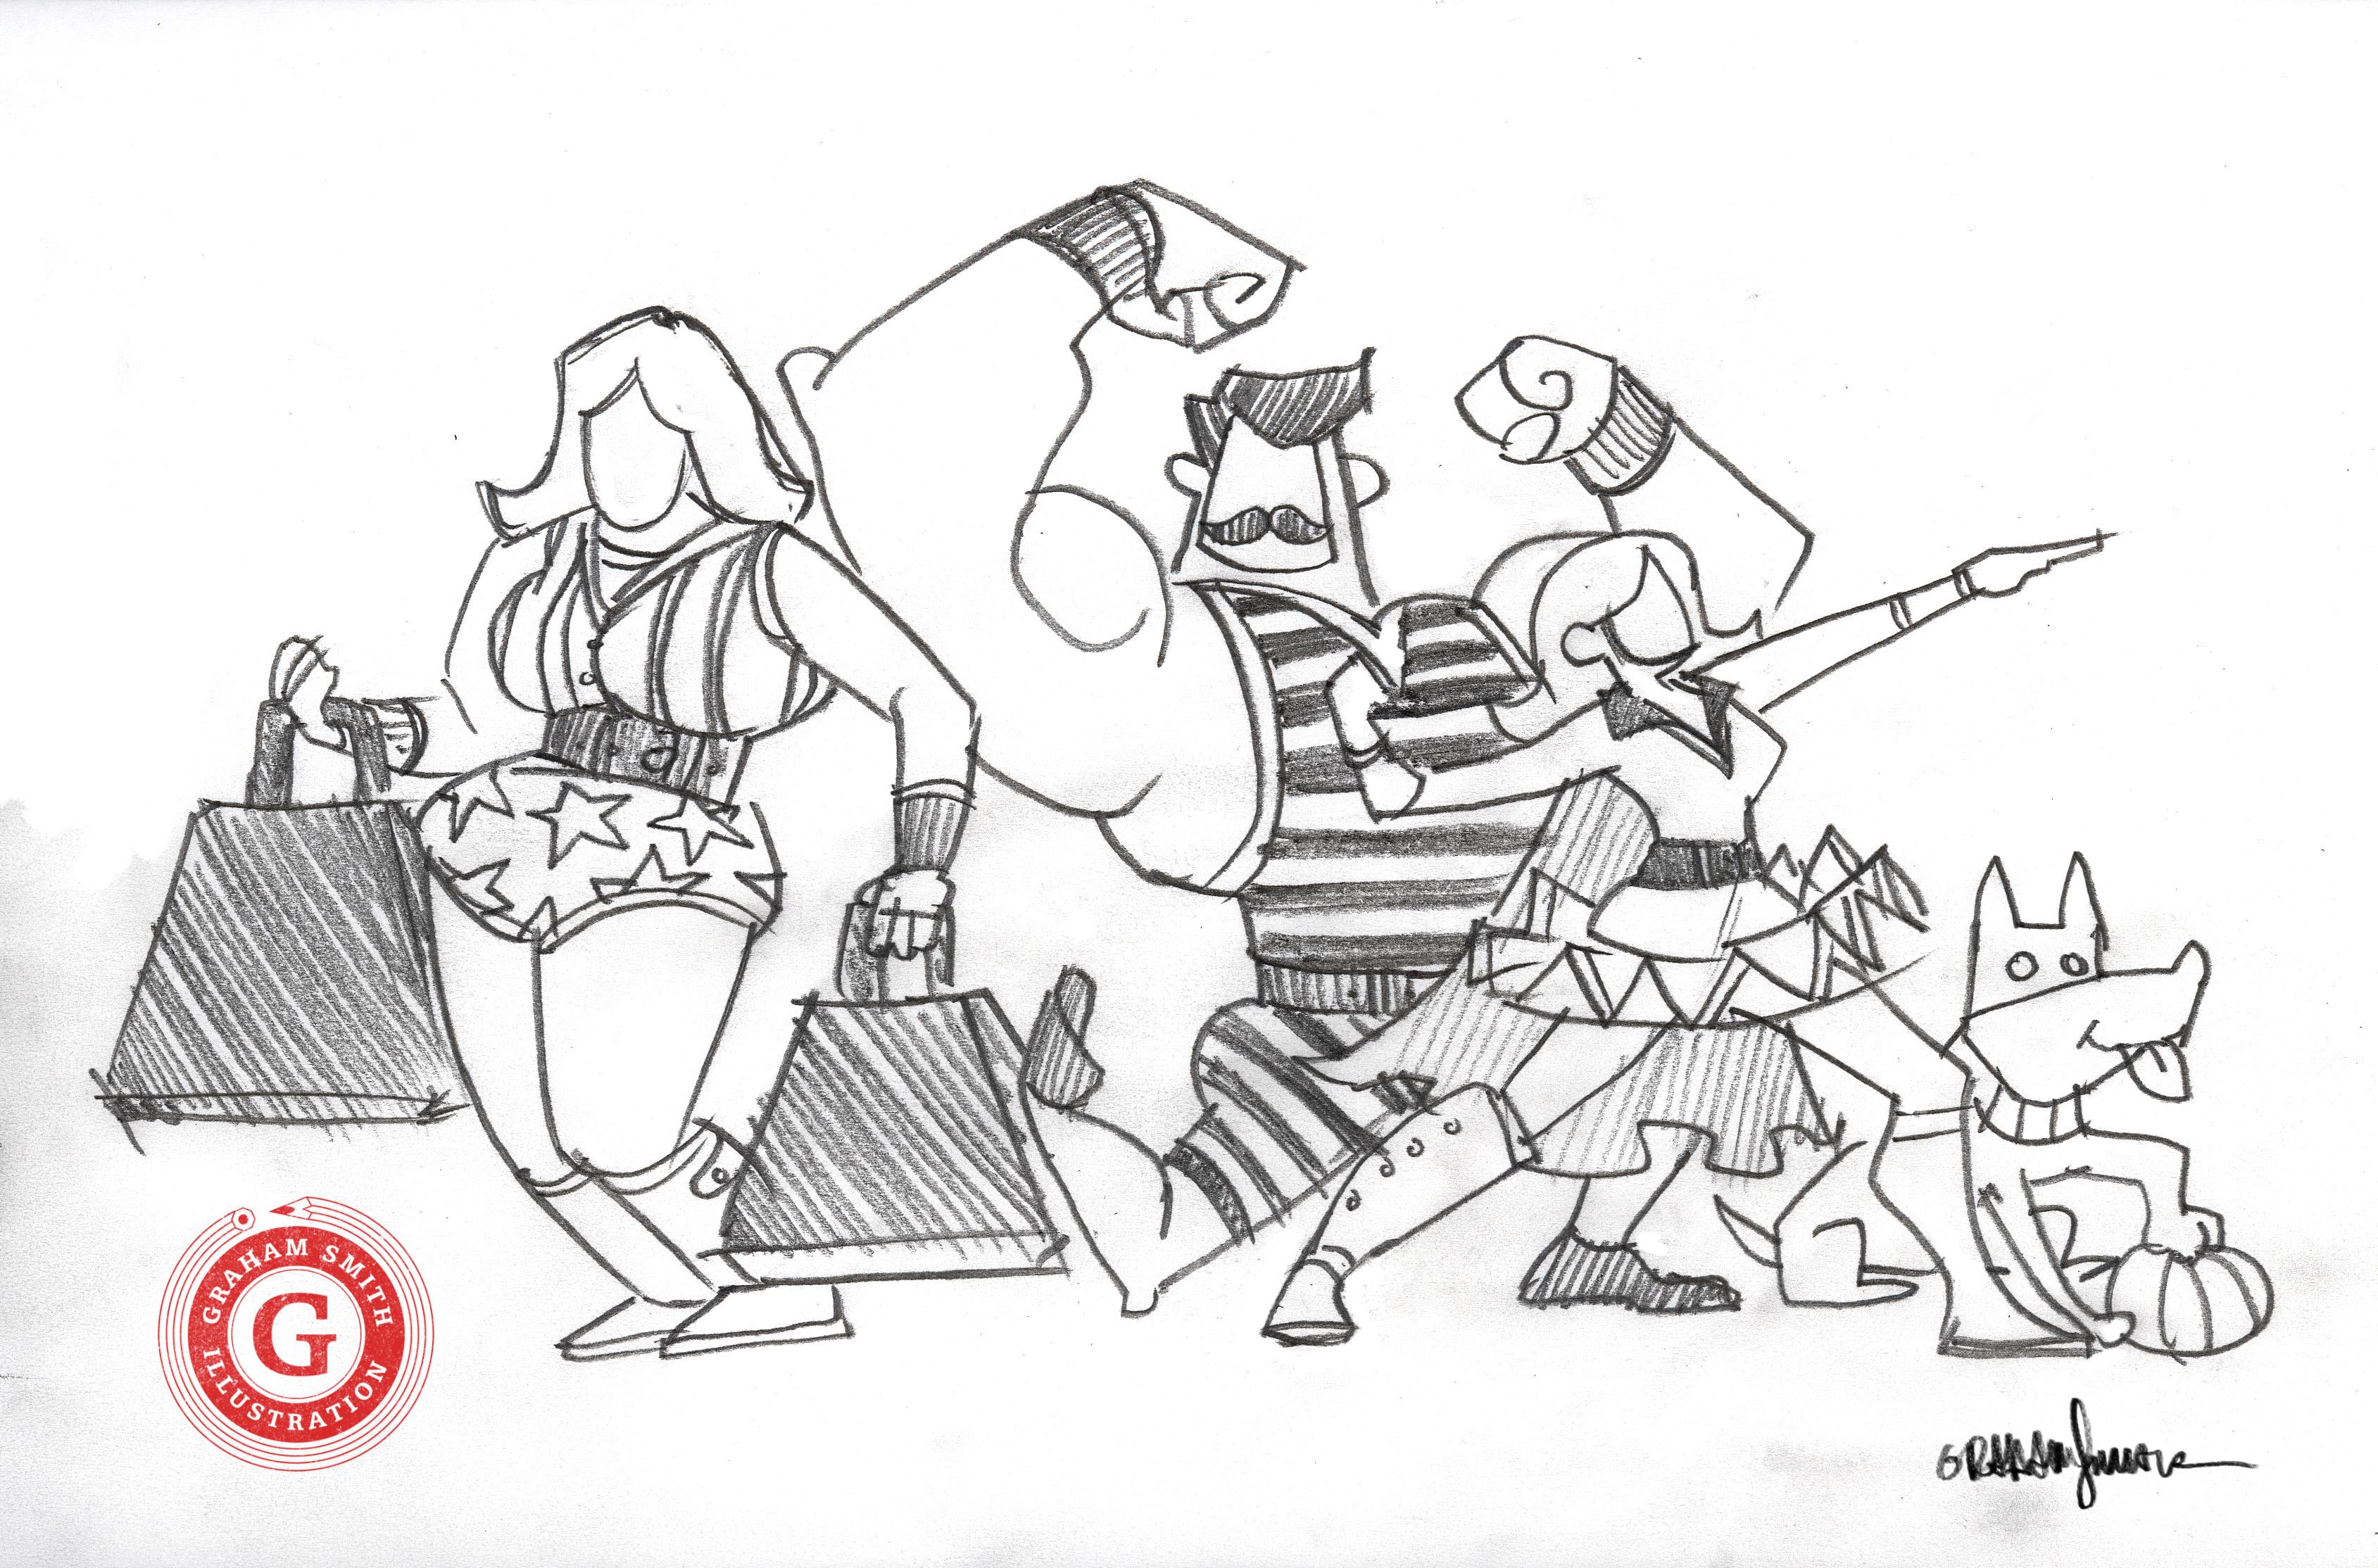 strongman sketch-00003- Graham Smith.